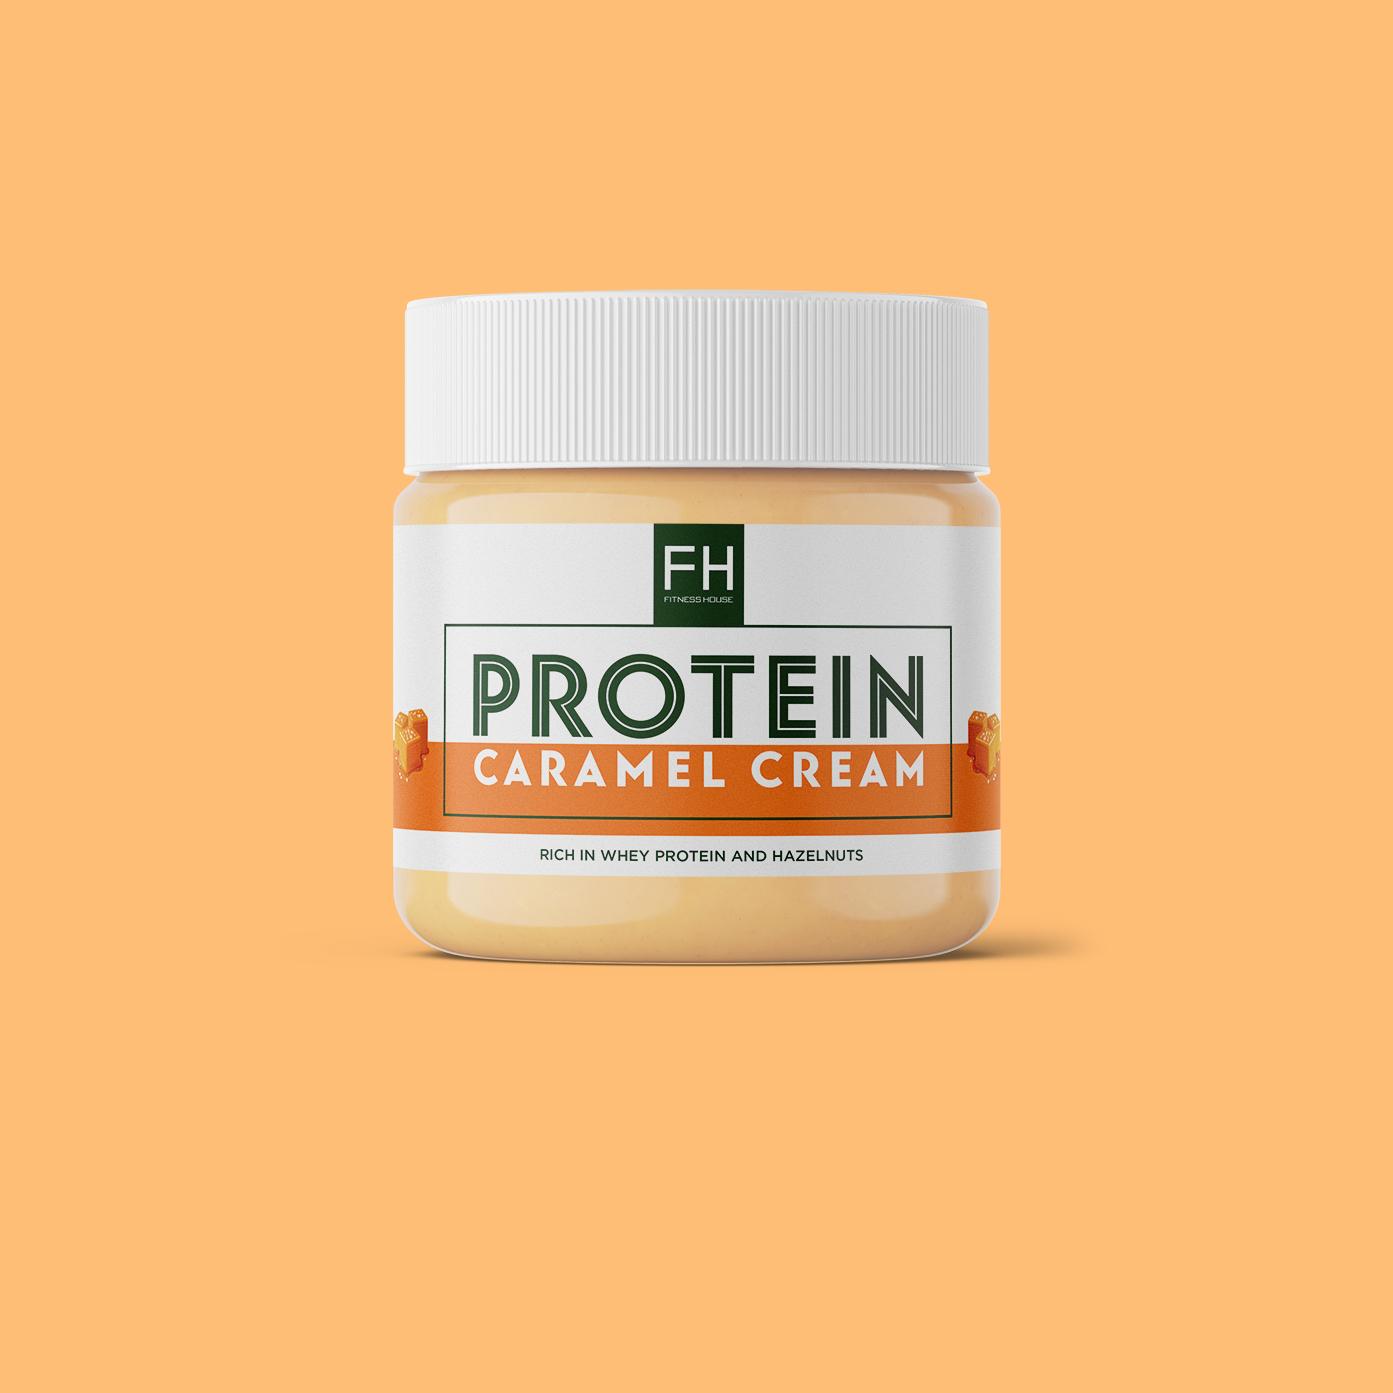 Protein Caramel Cream